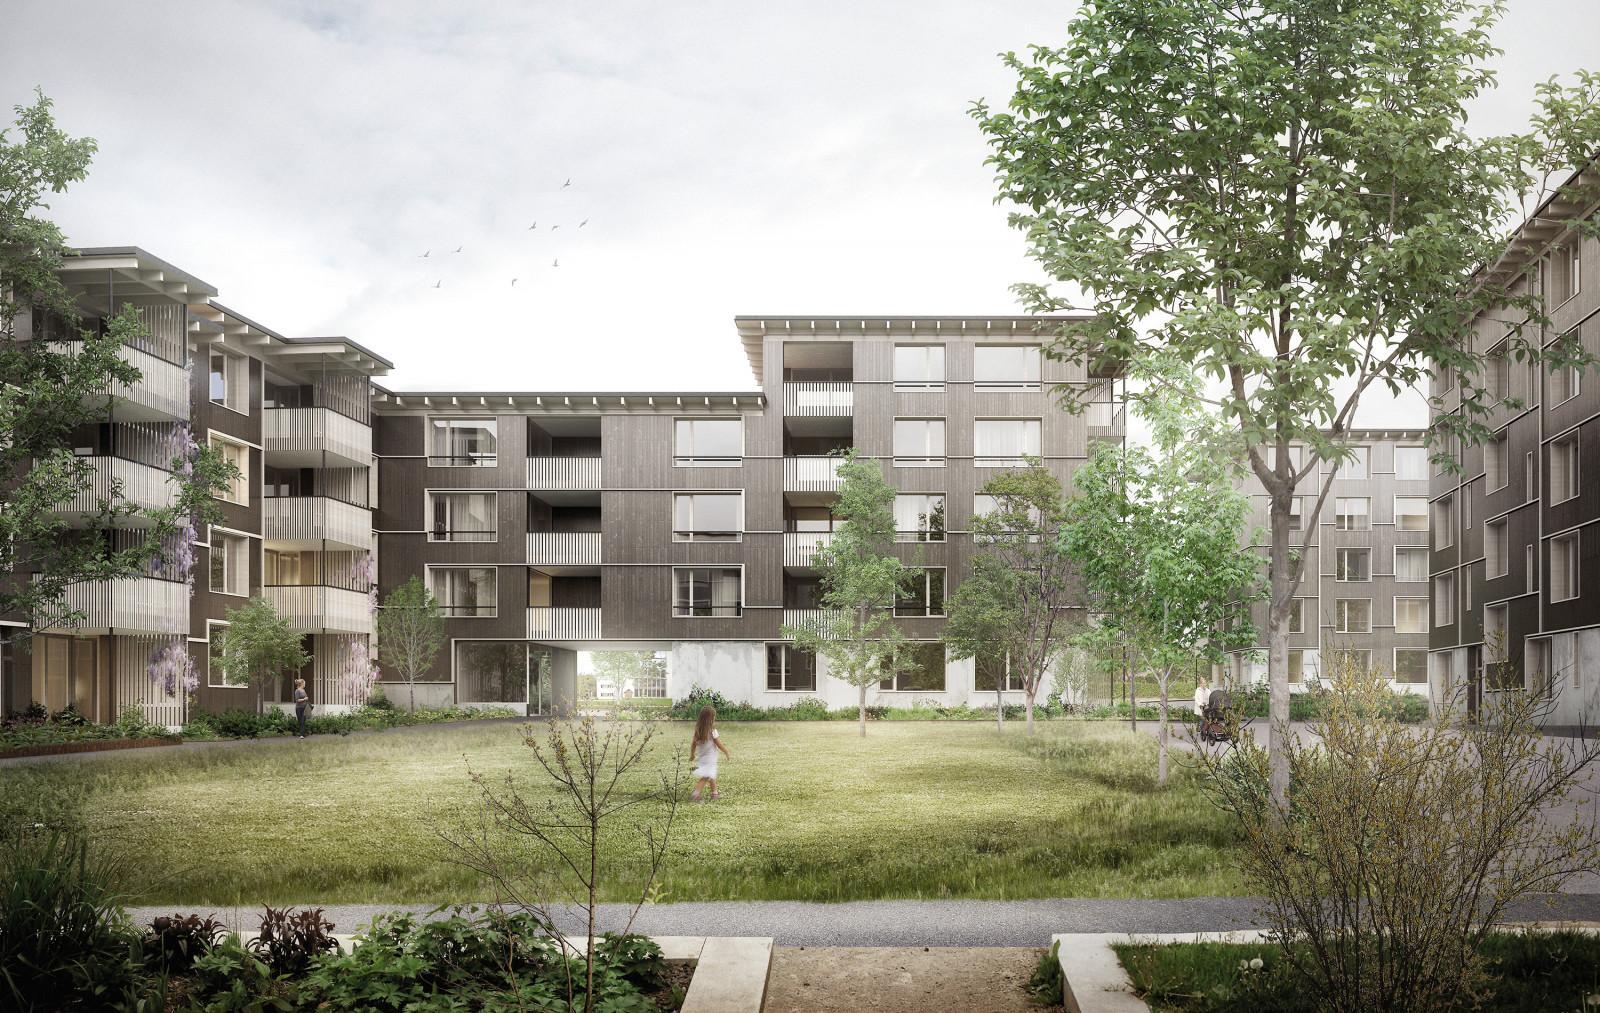 Ersatzneubau Wohnsiedlung Klosterbrühl, Wettingen, ARGE Galli Rudolf Architekten & Wülser Bechtel Architekten, Gartengeschichten